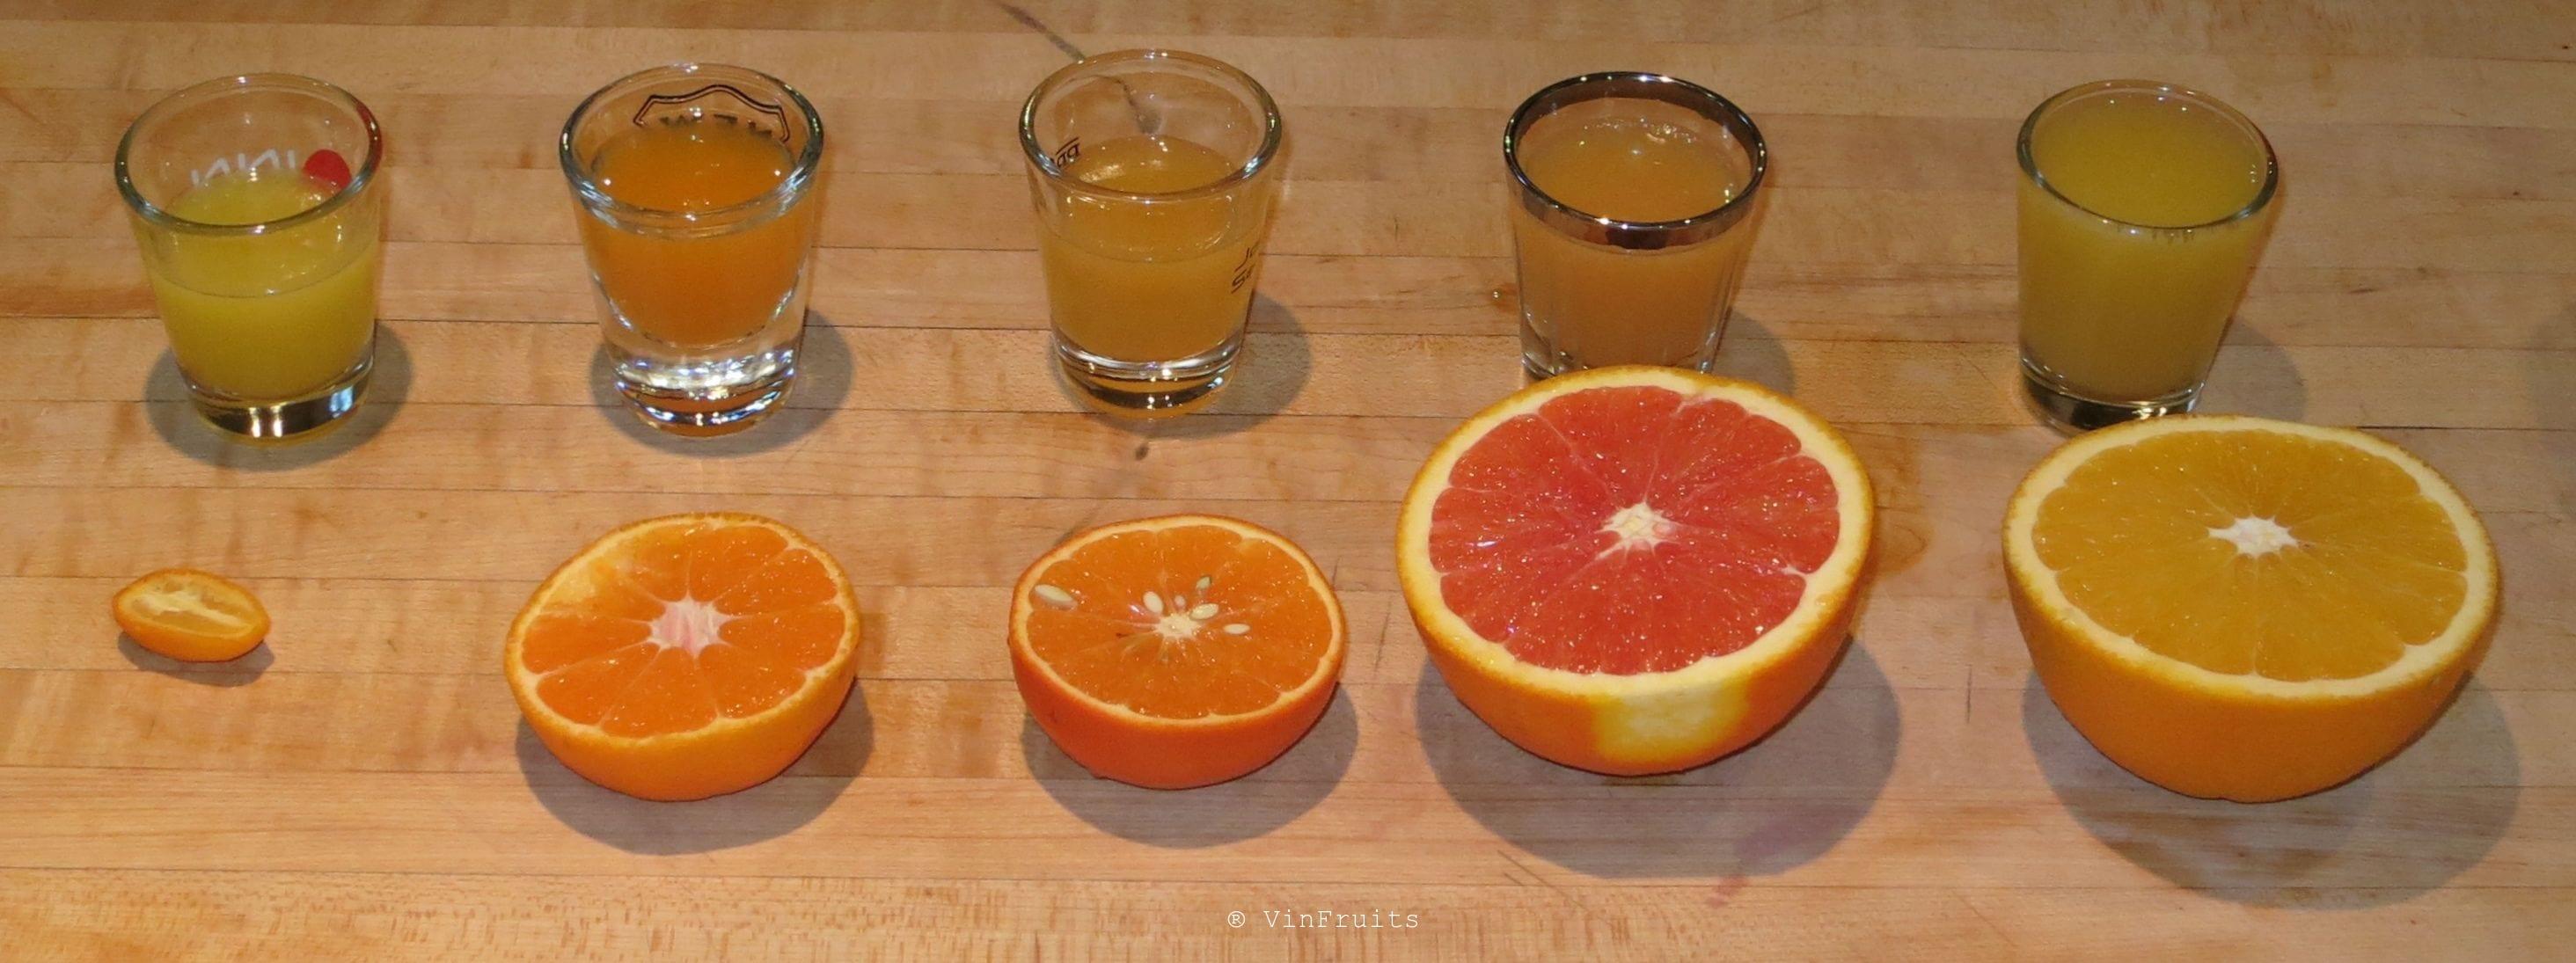 Các loại cam nhập khẩu từ Mỹ - Vinfruits